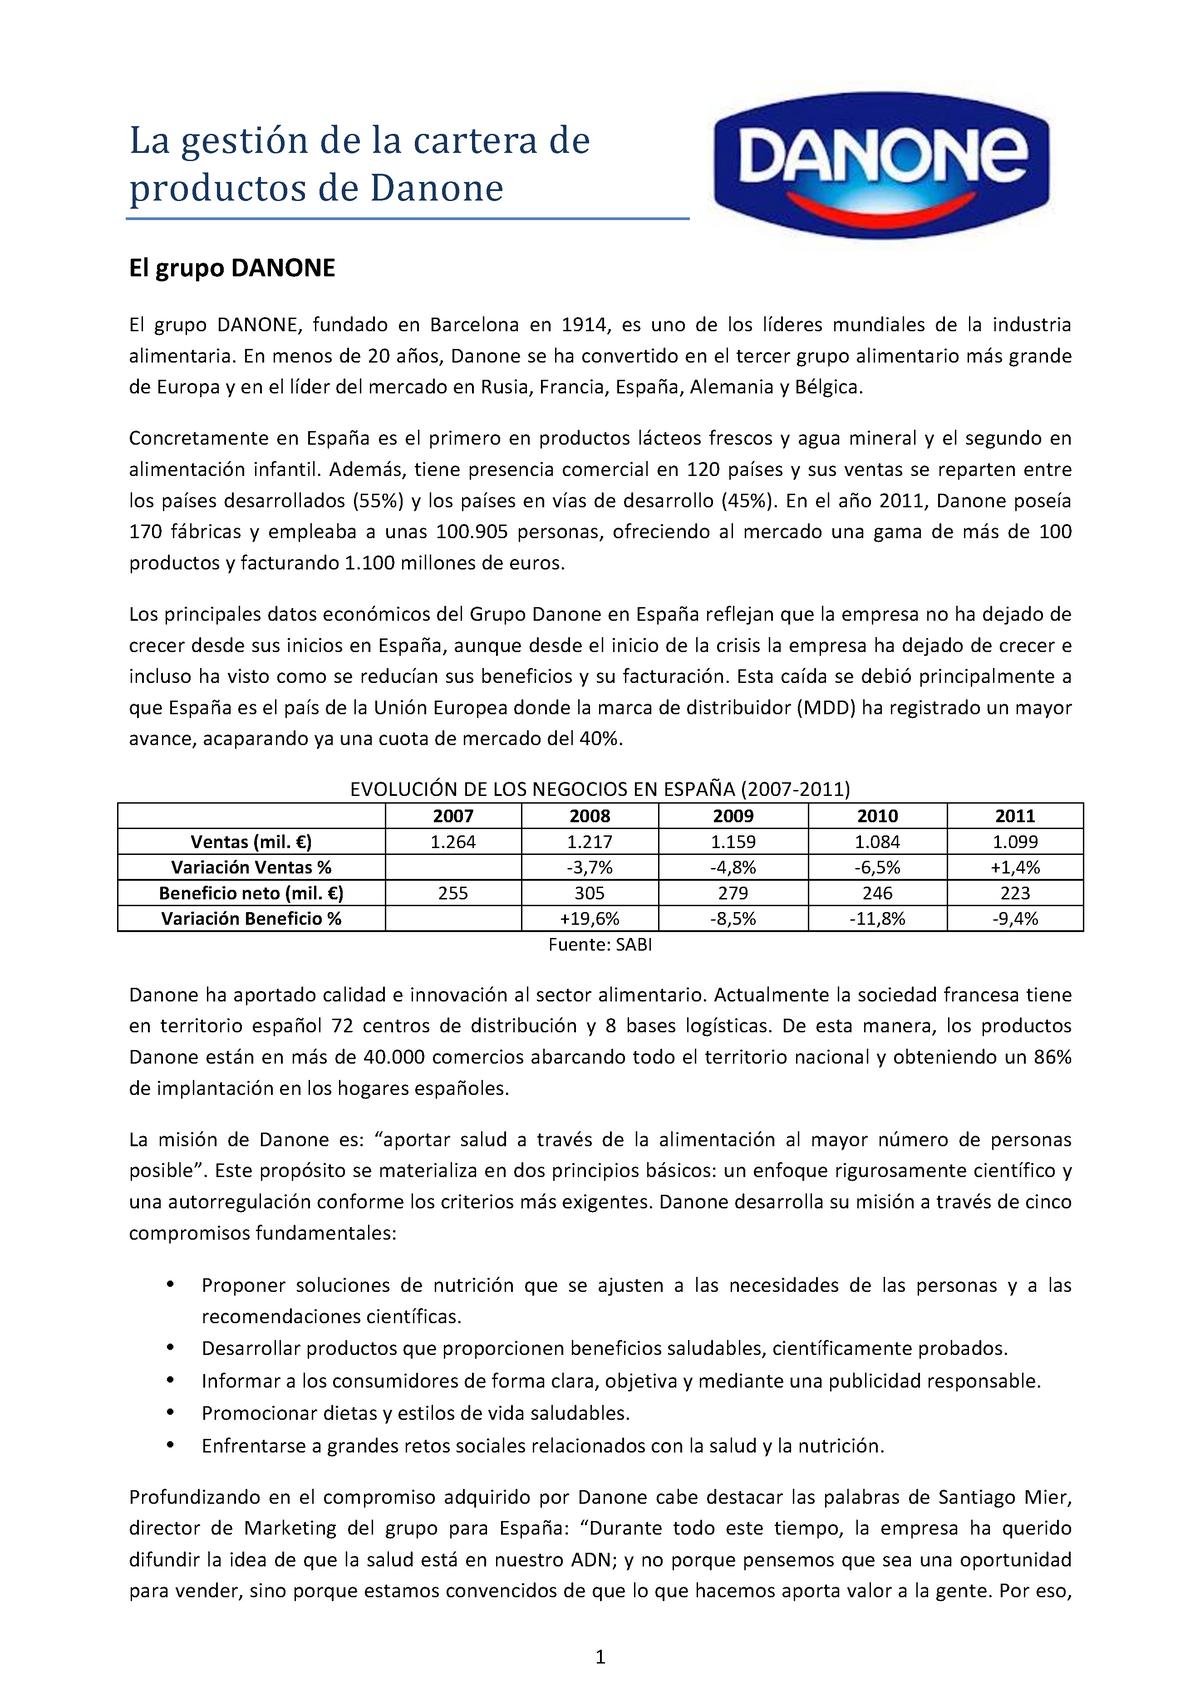 e92a7dc14a Cartera Productos Danone - G3071326  Dirección Comercial - StuDocu